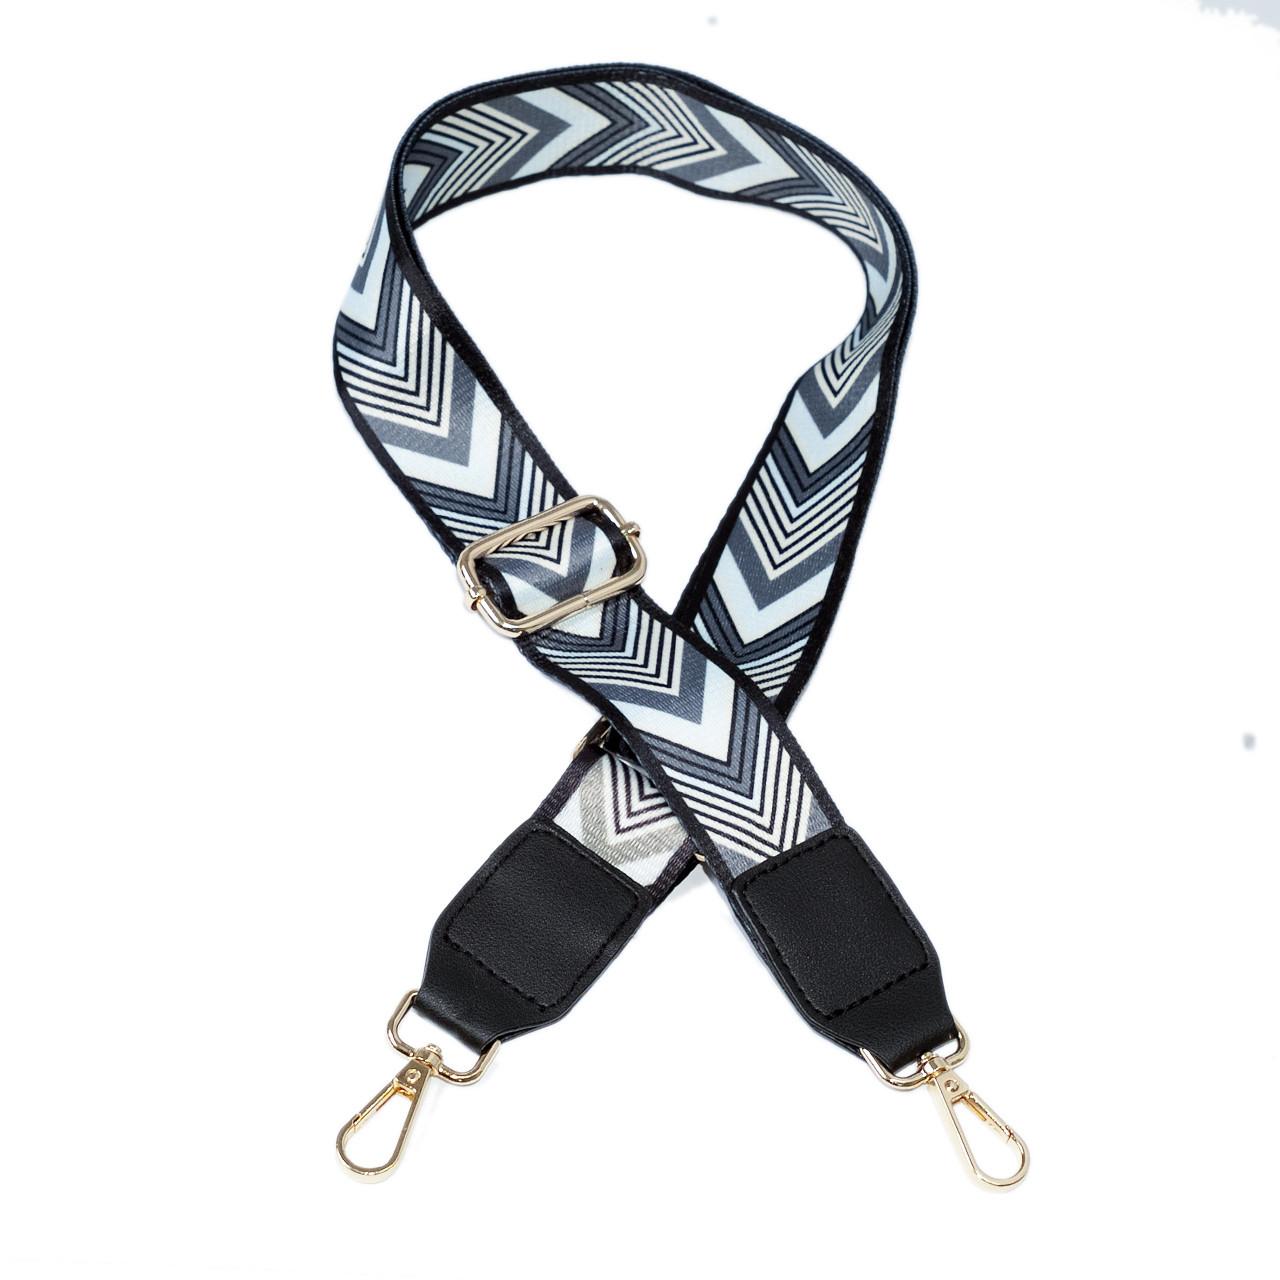 Ремень плечевой с орнаментом и карабинами + экокожа, для сумки 78-128 см (ширина 40 мм) №225